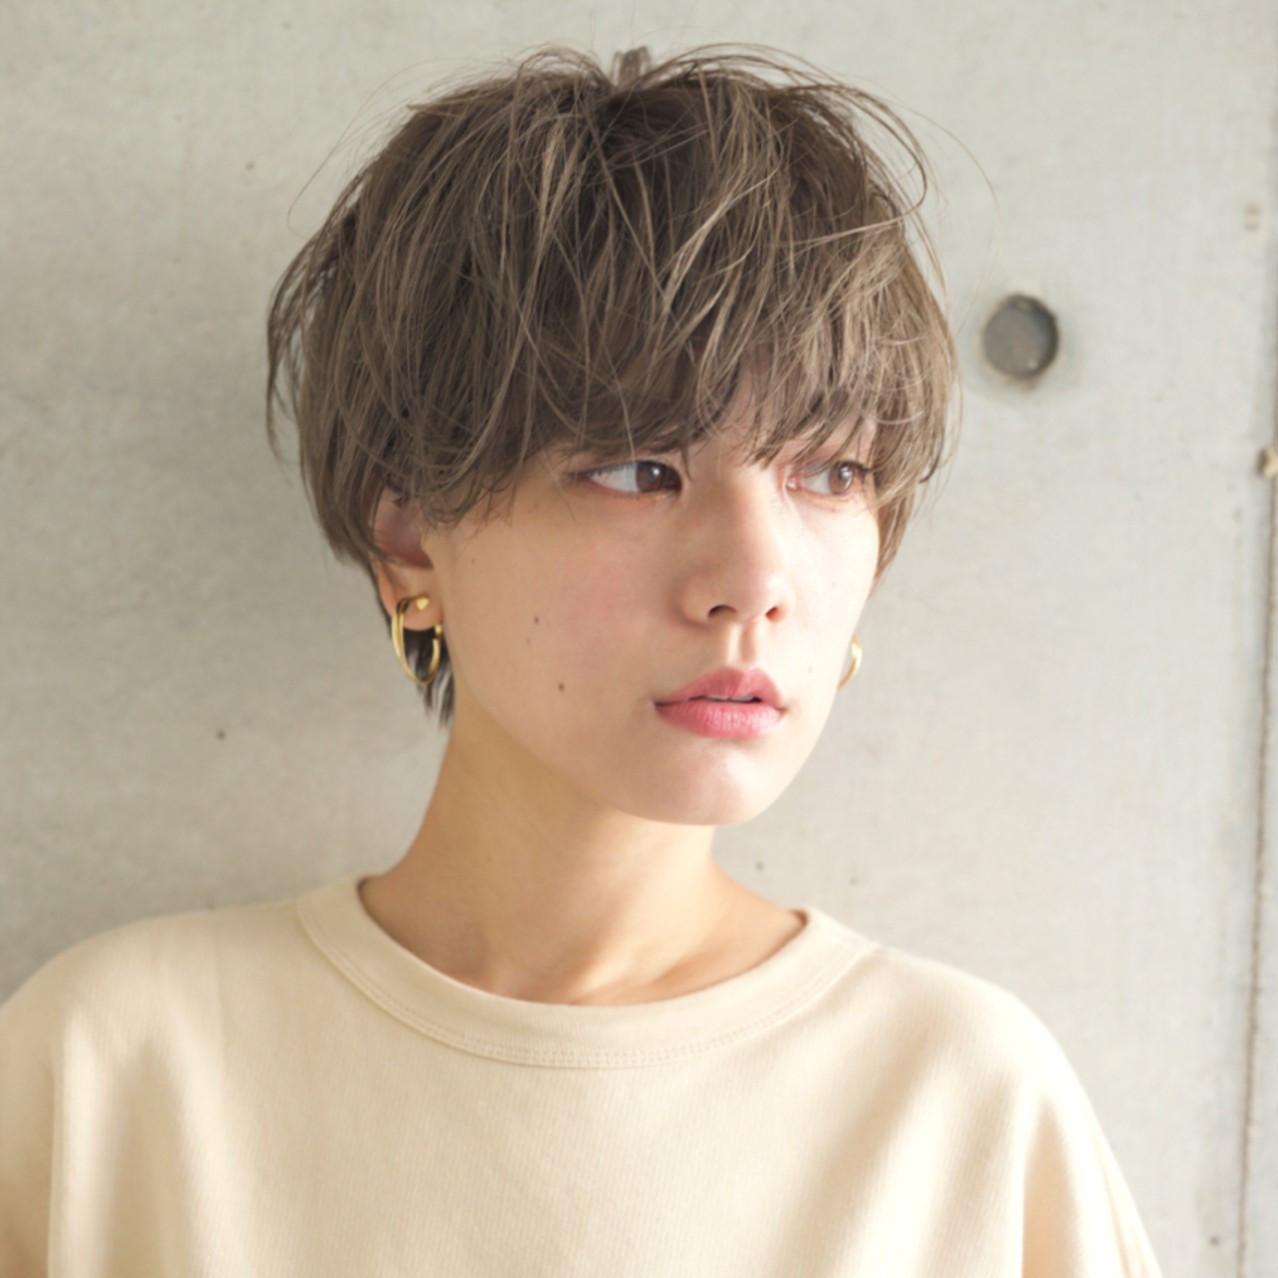 私って前髪ありなしどっちが似合う?レングス別に徹底解説「#秋バング特集♡」